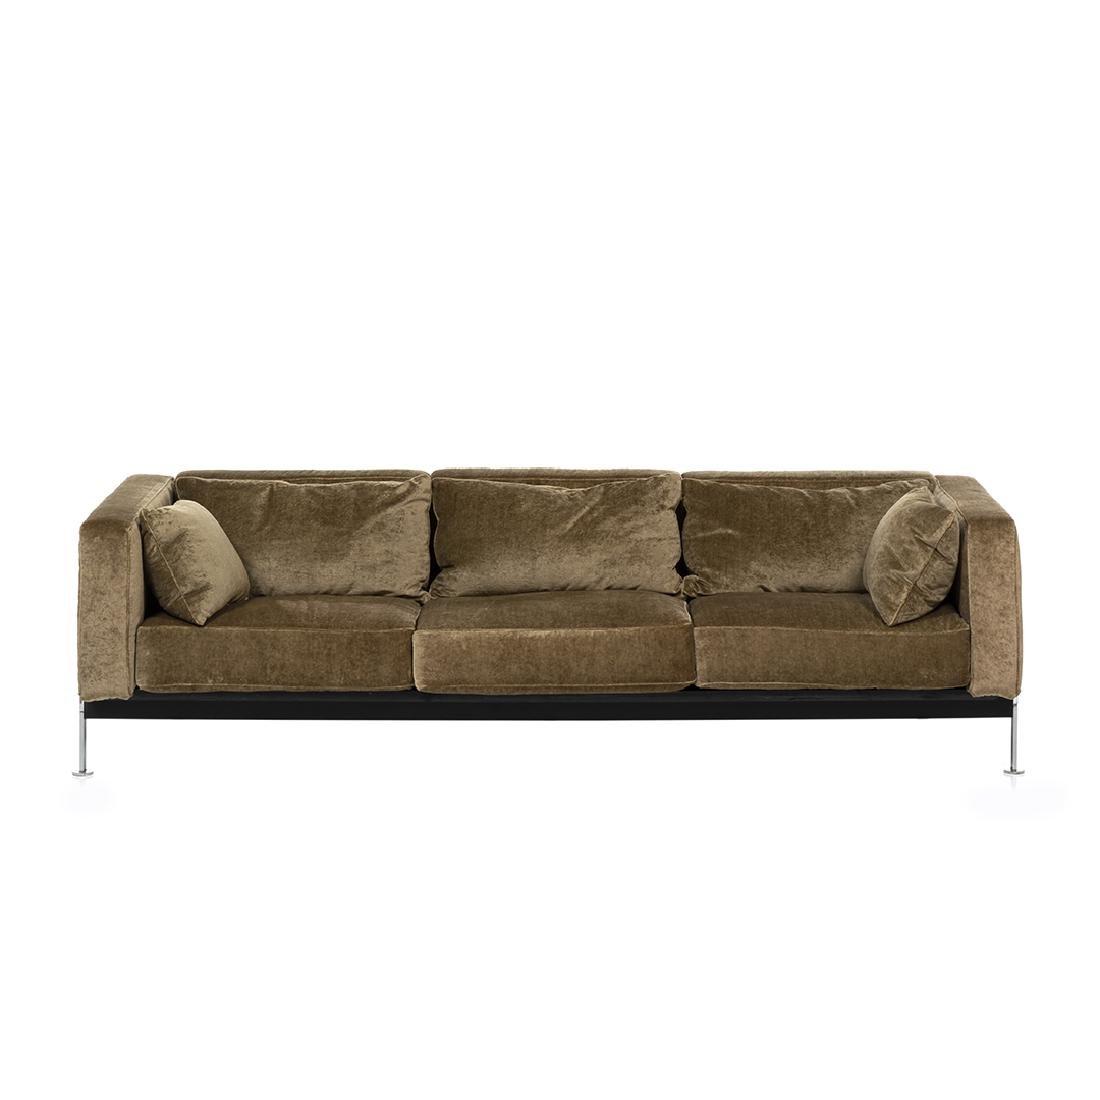 Robert Haussmann Sofa - 2